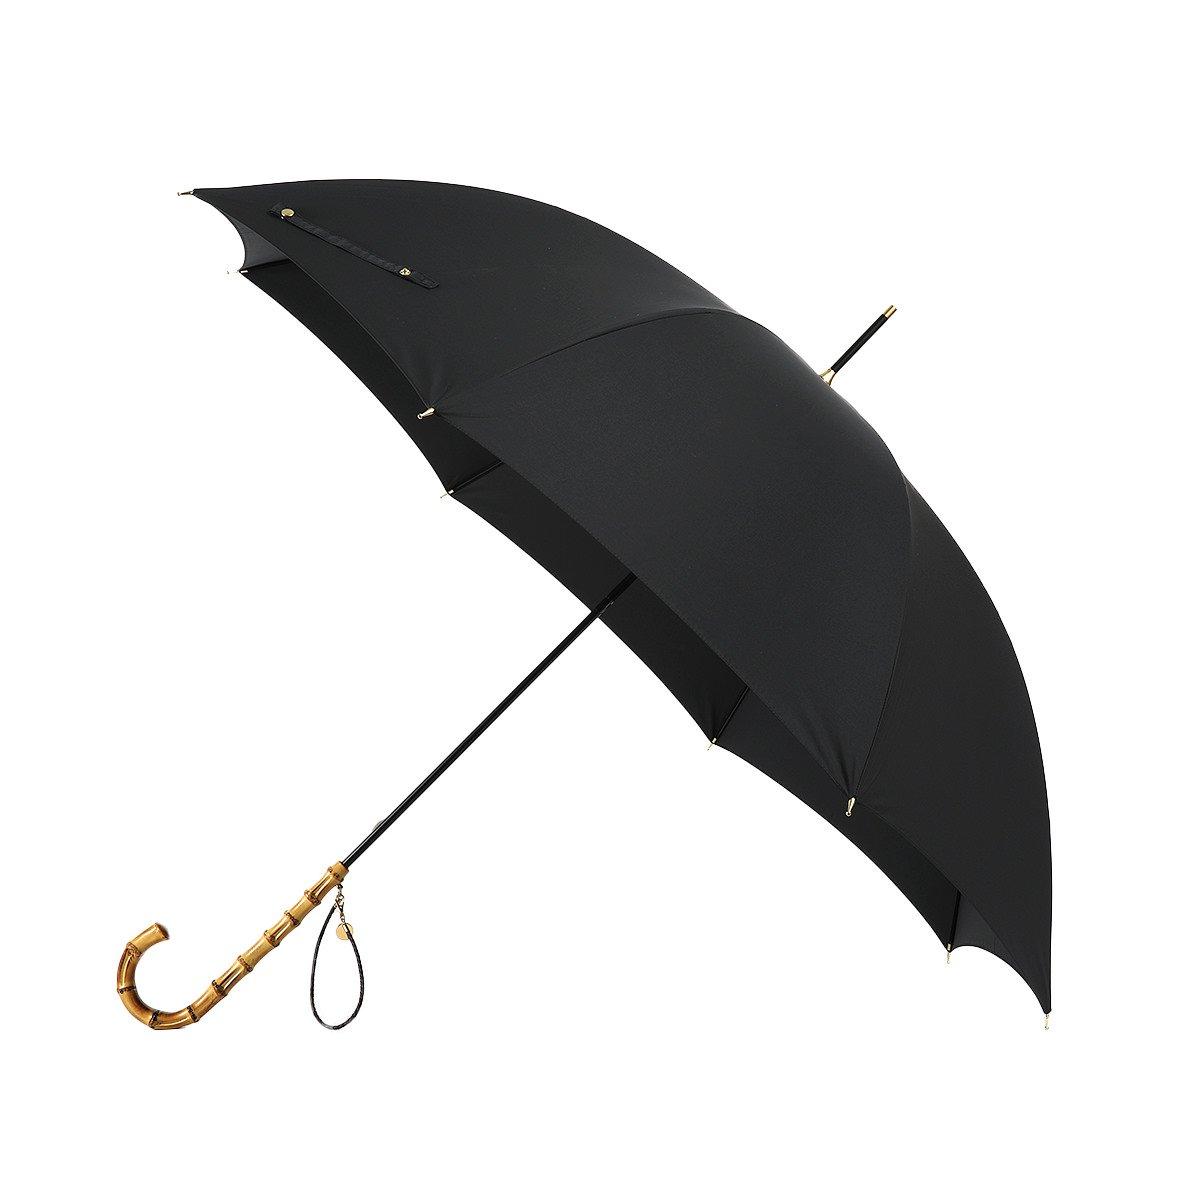 強力撥水 レインドロップ レディース レクタス バンブー 長傘(58cm) 詳細画像6